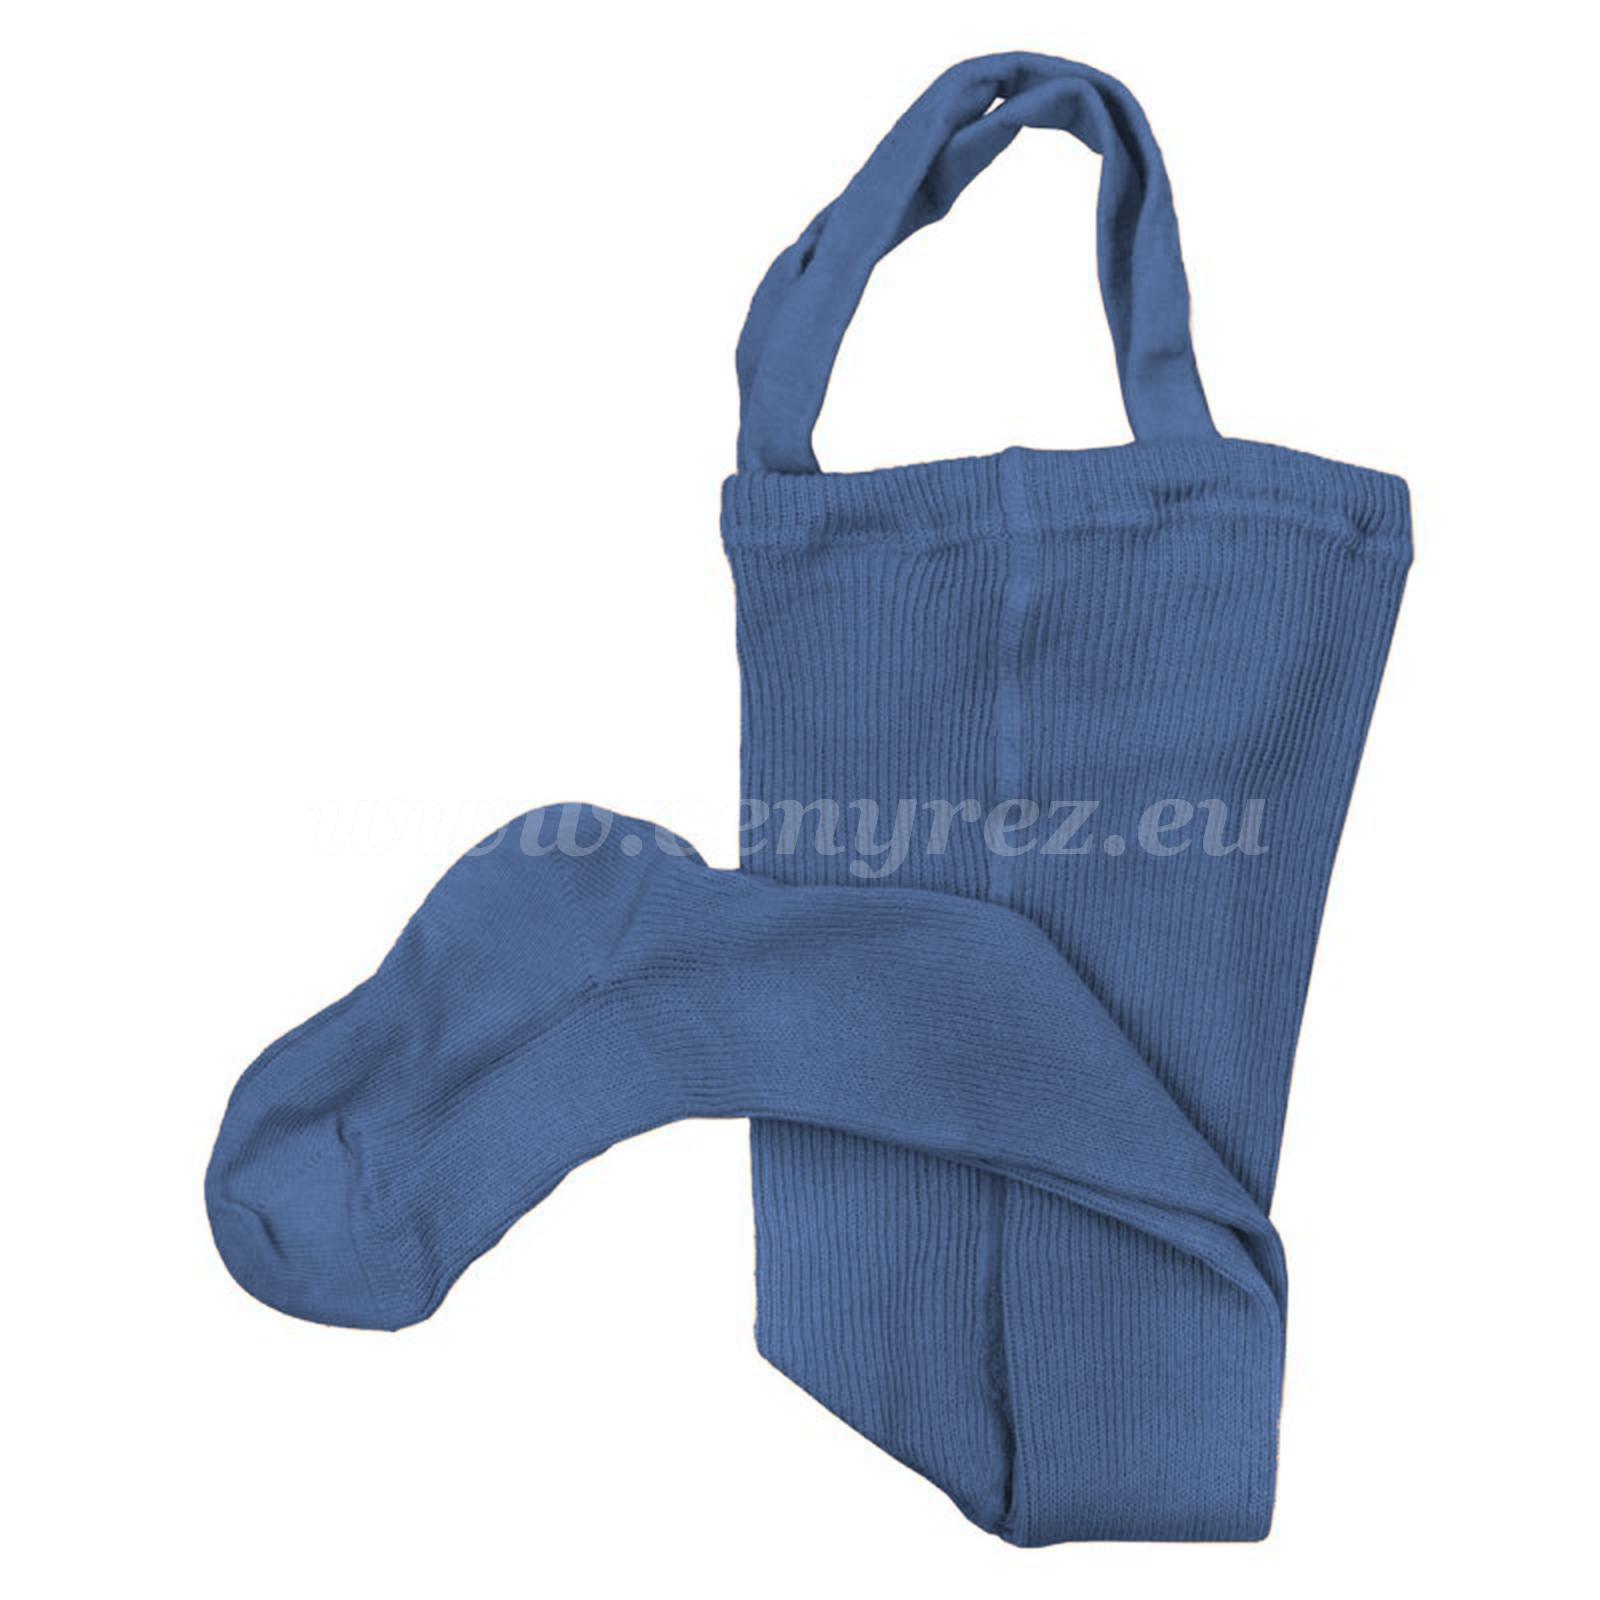 DUCIKA punčocháče se šlemi - modrá